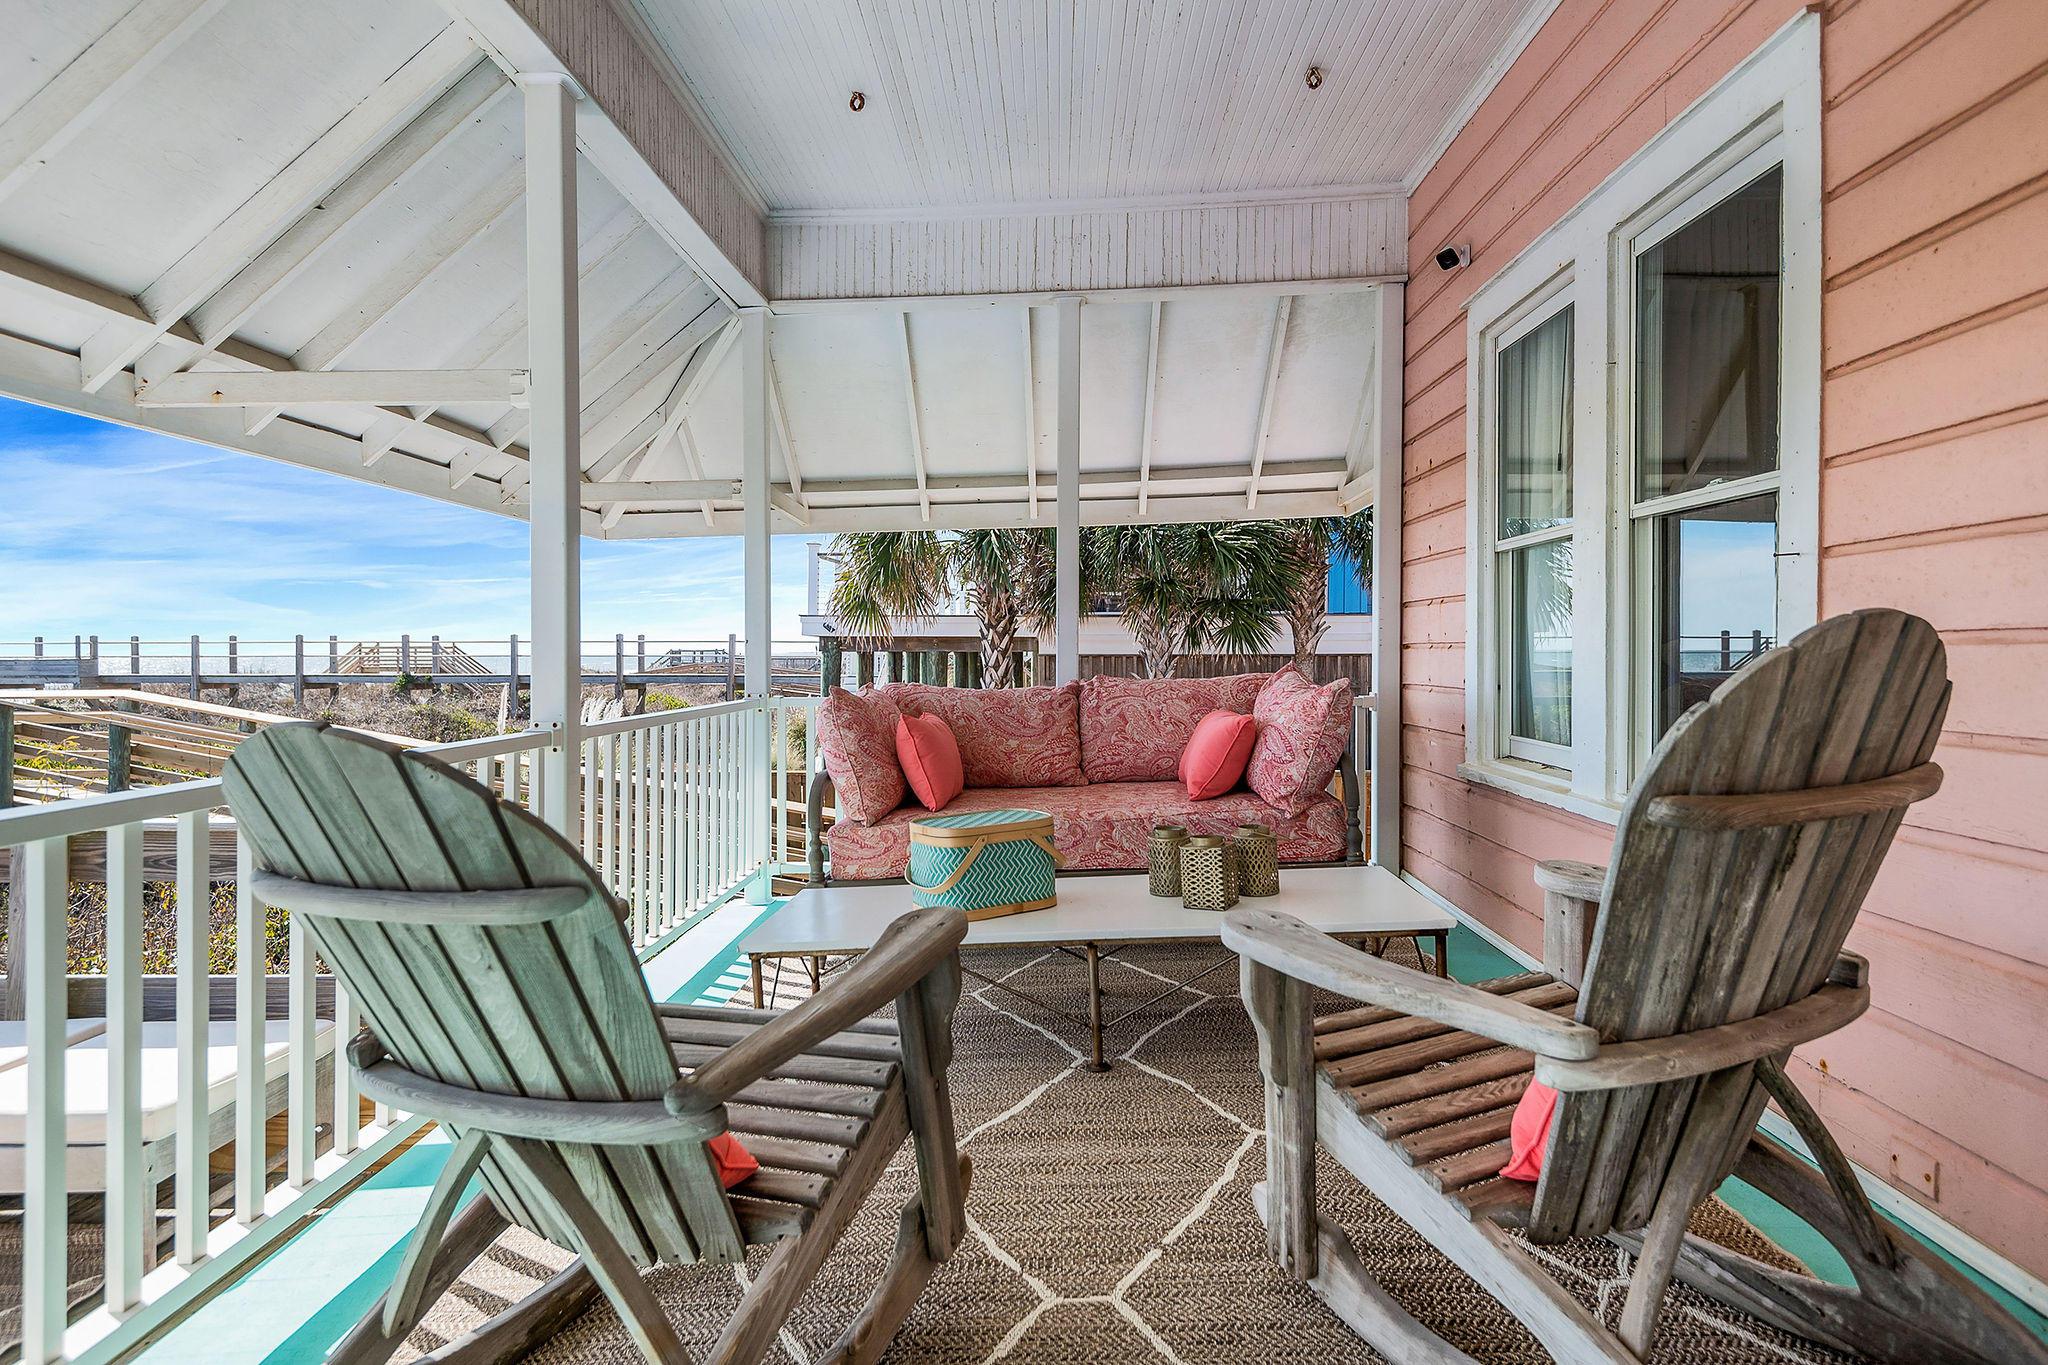 Folly Beach Homes For Sale - 509 Ashley, Folly Beach, SC - 73